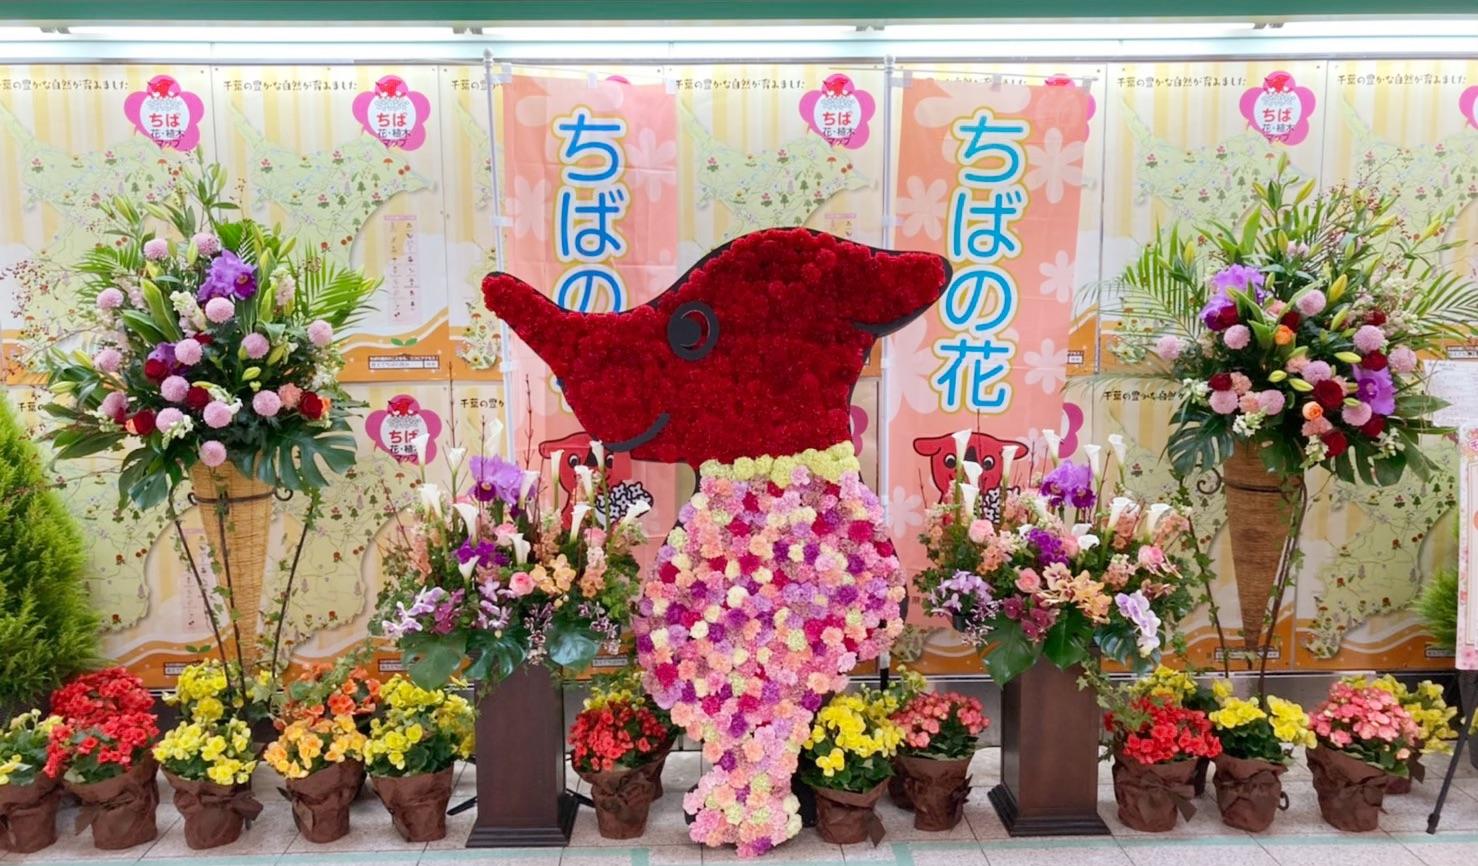 チーバくんのお花の装飾第二弾 千葉県 東武鉄道 柏駅